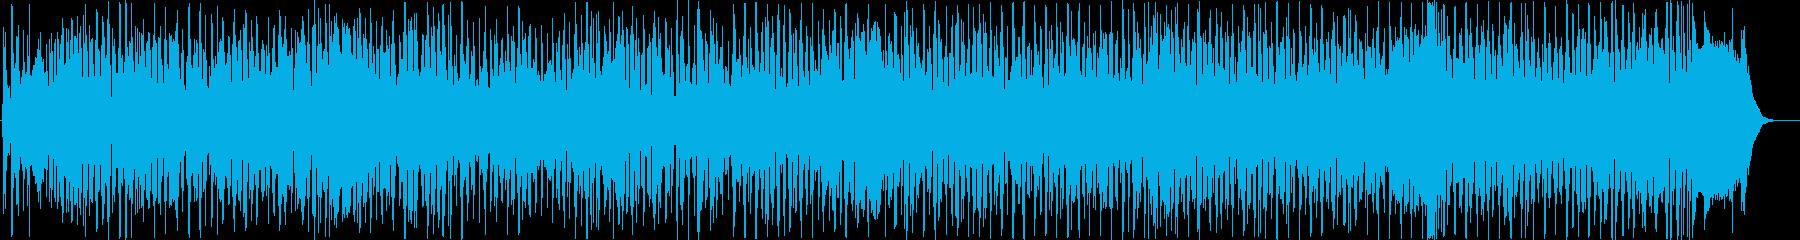 多くの有名なブルースのリフに似ていますの再生済みの波形